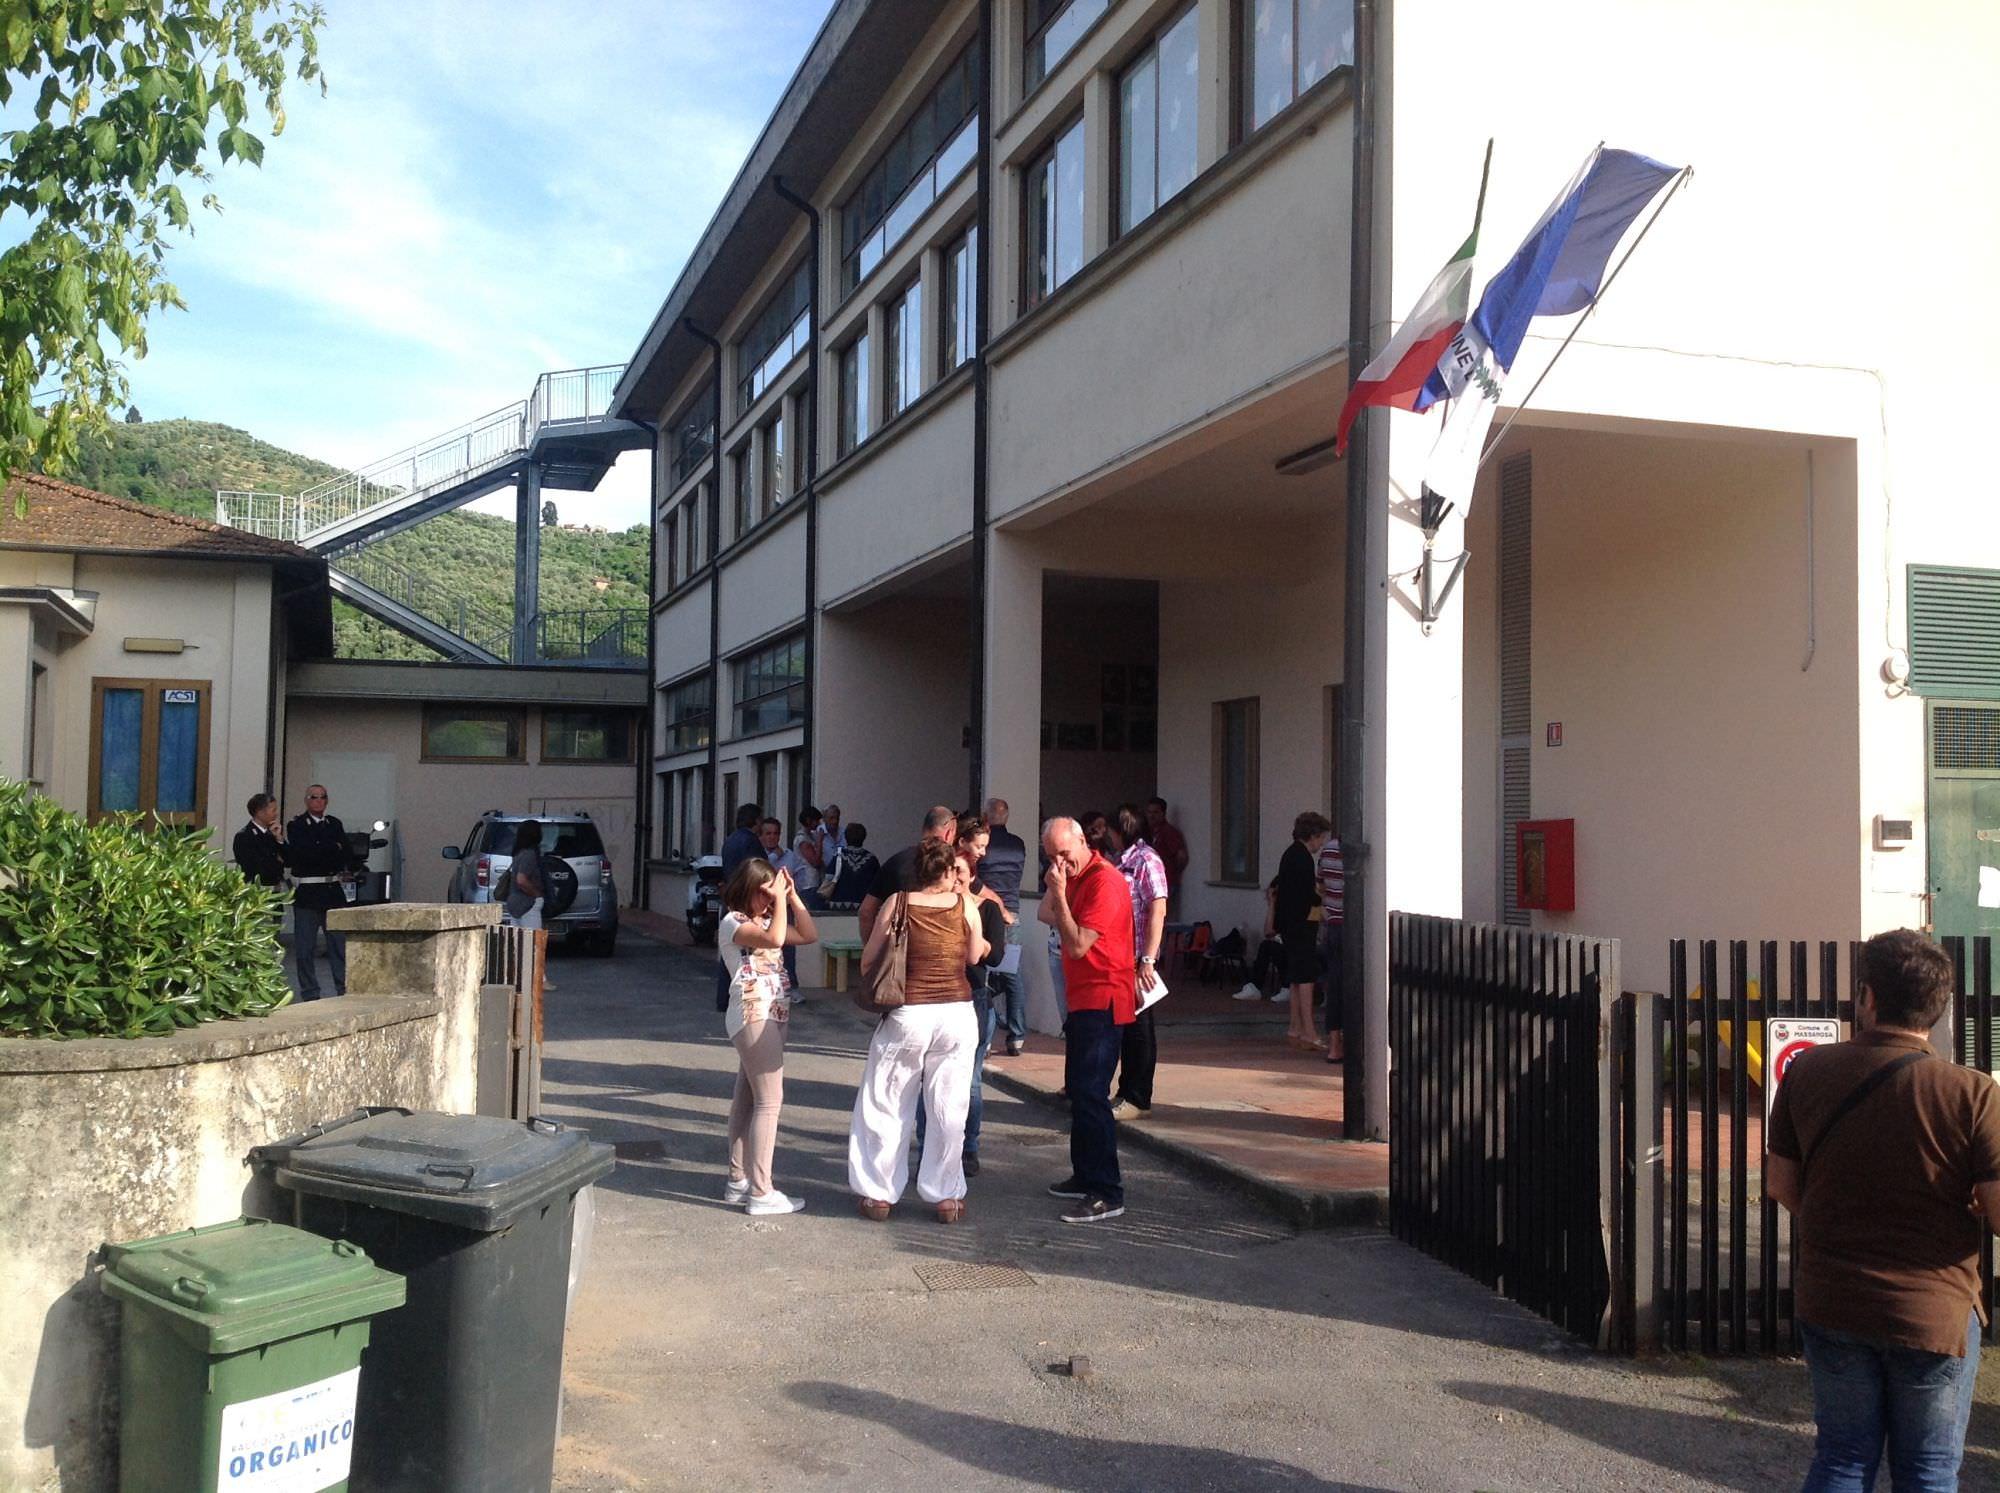 Elezioni Massarosa e Stazzema: dalle 14 su VersiliaToday lo spoglio in diretta